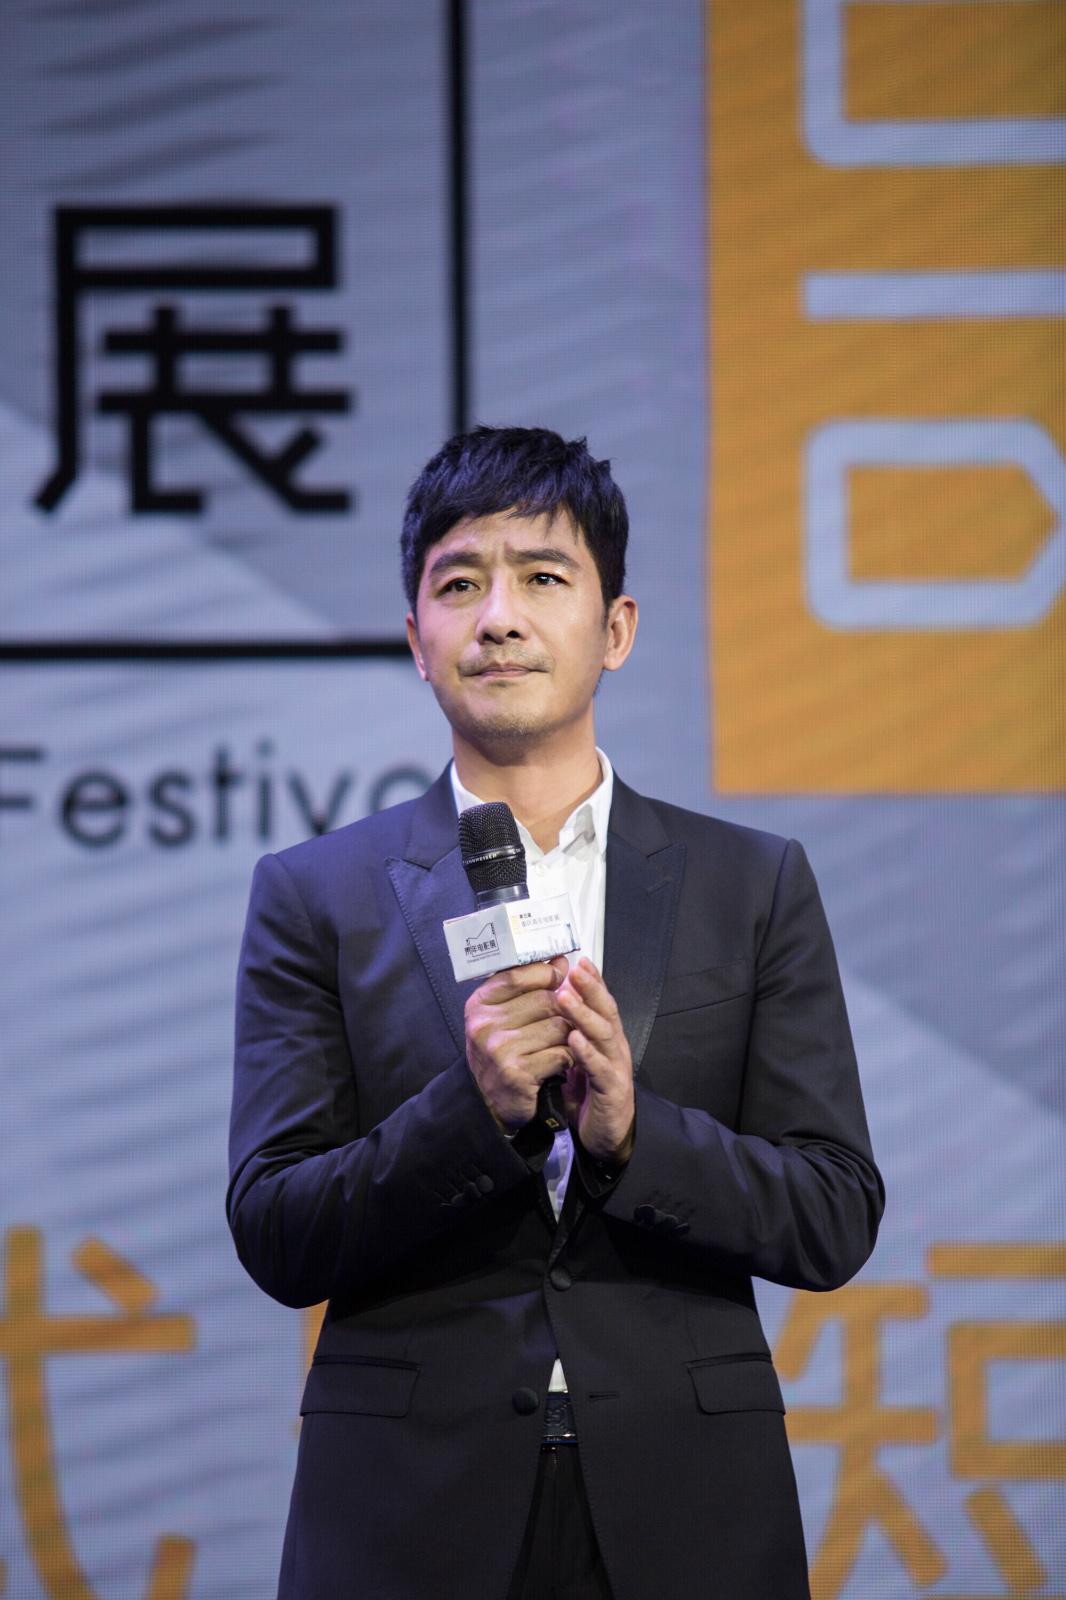 郭晓东出席重庆青年电影展闭幕式  发声鼓励青年电影人